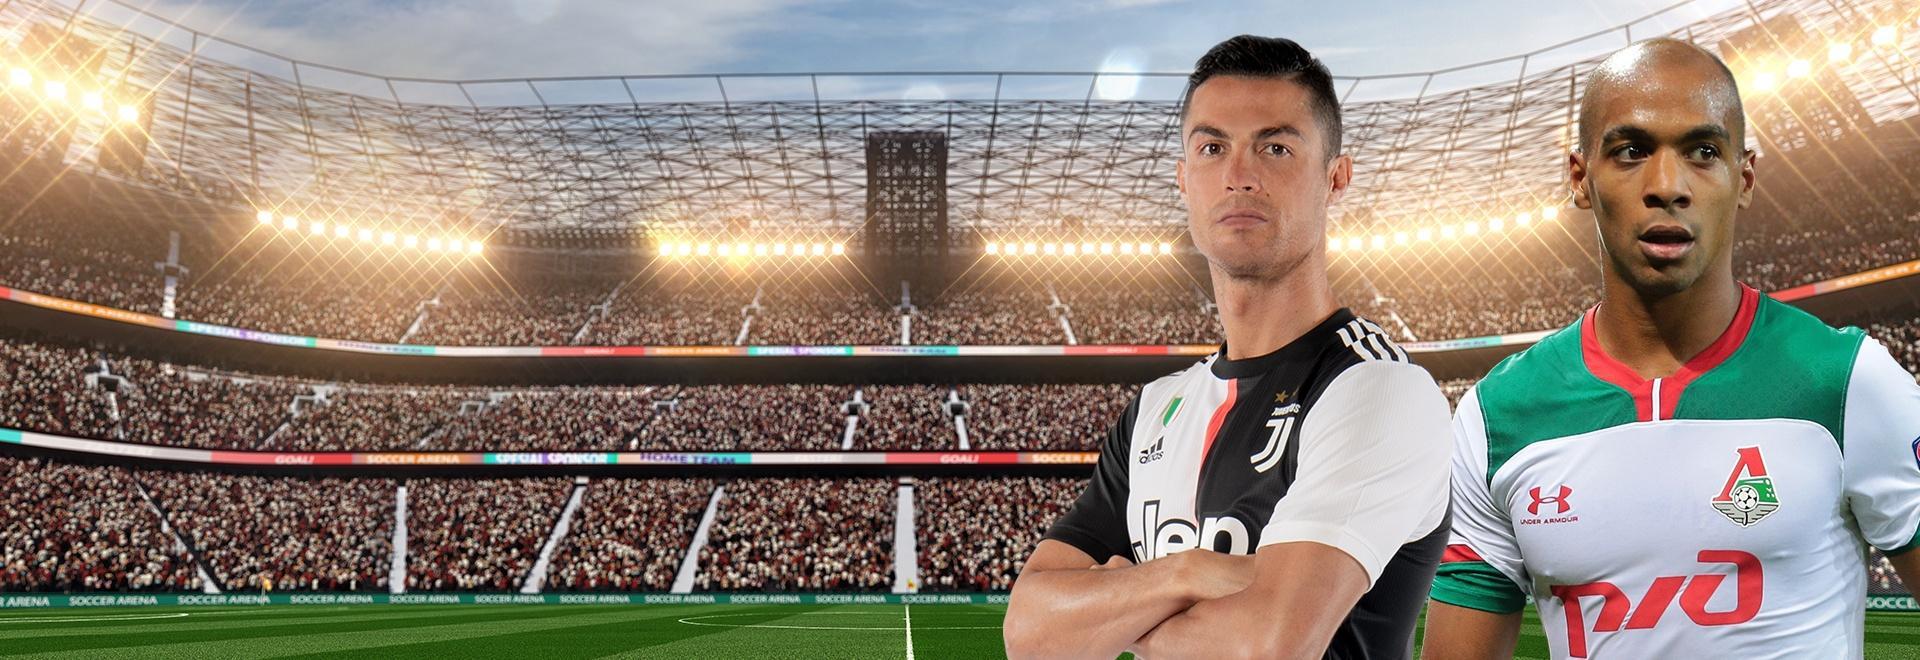 Juventus - Lokomotiv M.. 3a g.